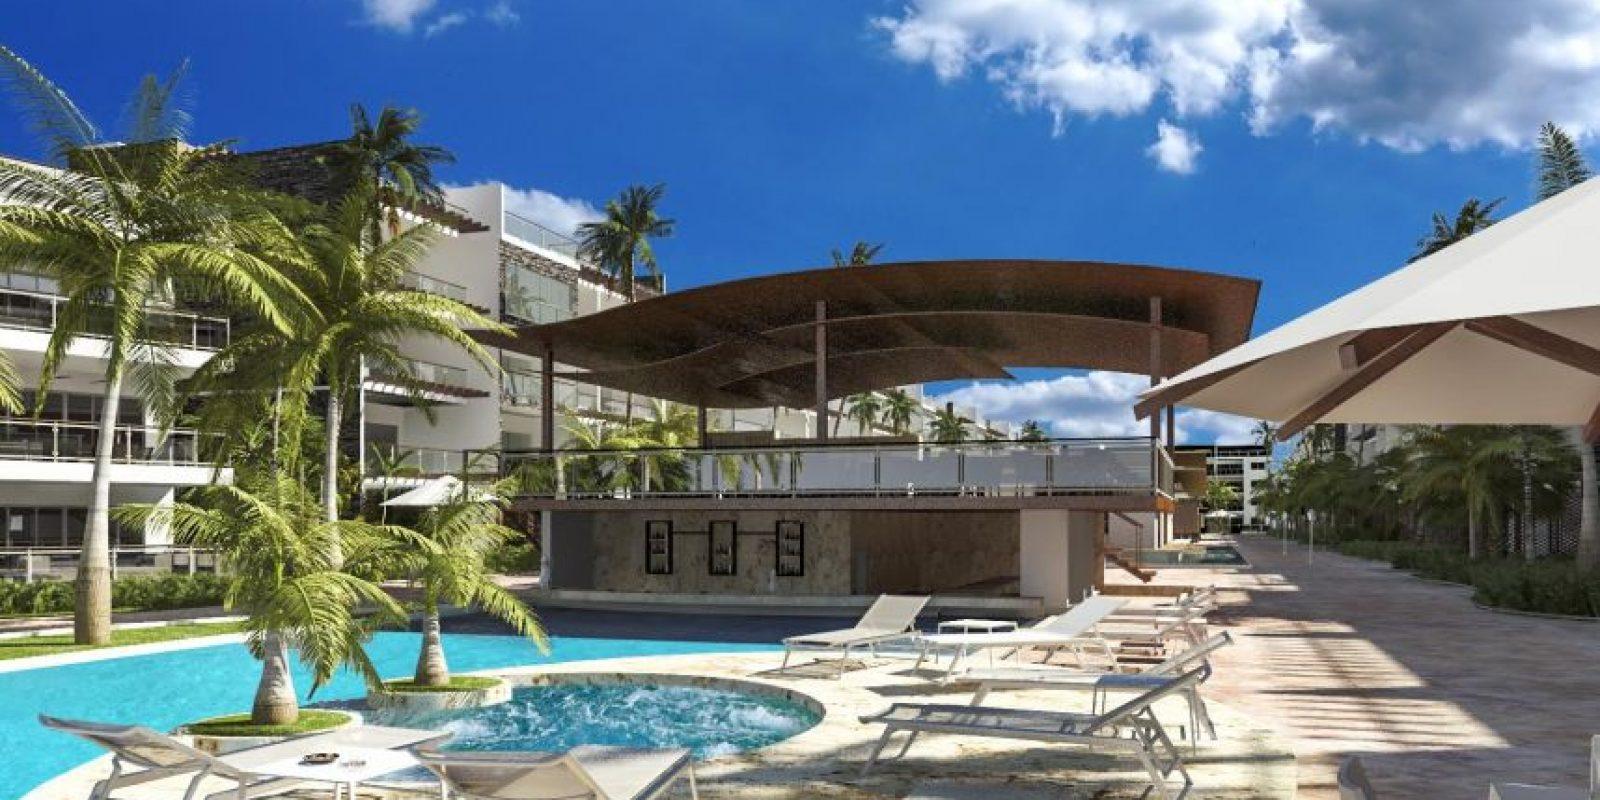 Regatta Blue Bay ofrecerá un lugar ideal para la diversión de cada miembro de la familia. Foto: cortesía de contemega